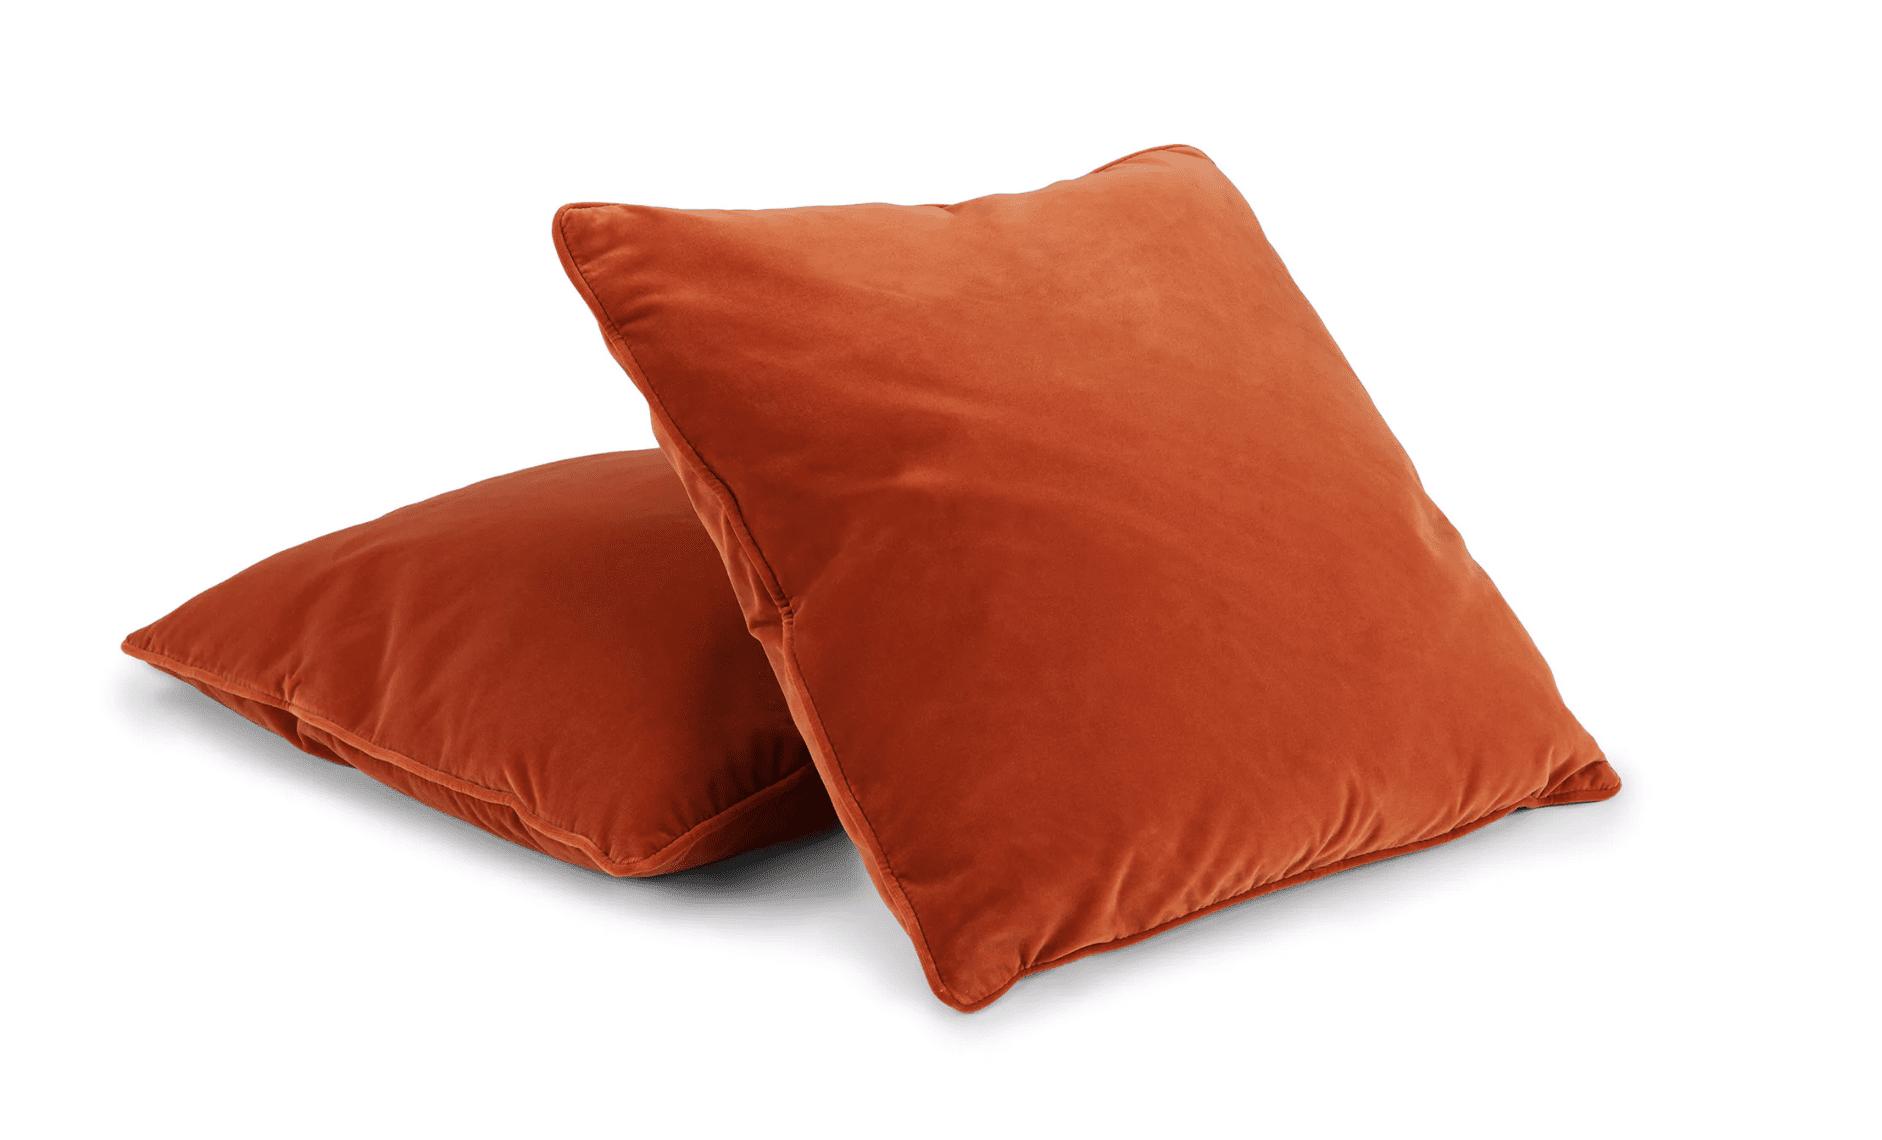 Par de artículos Almohadas de terciopelo contemporáneo en naranja caqui